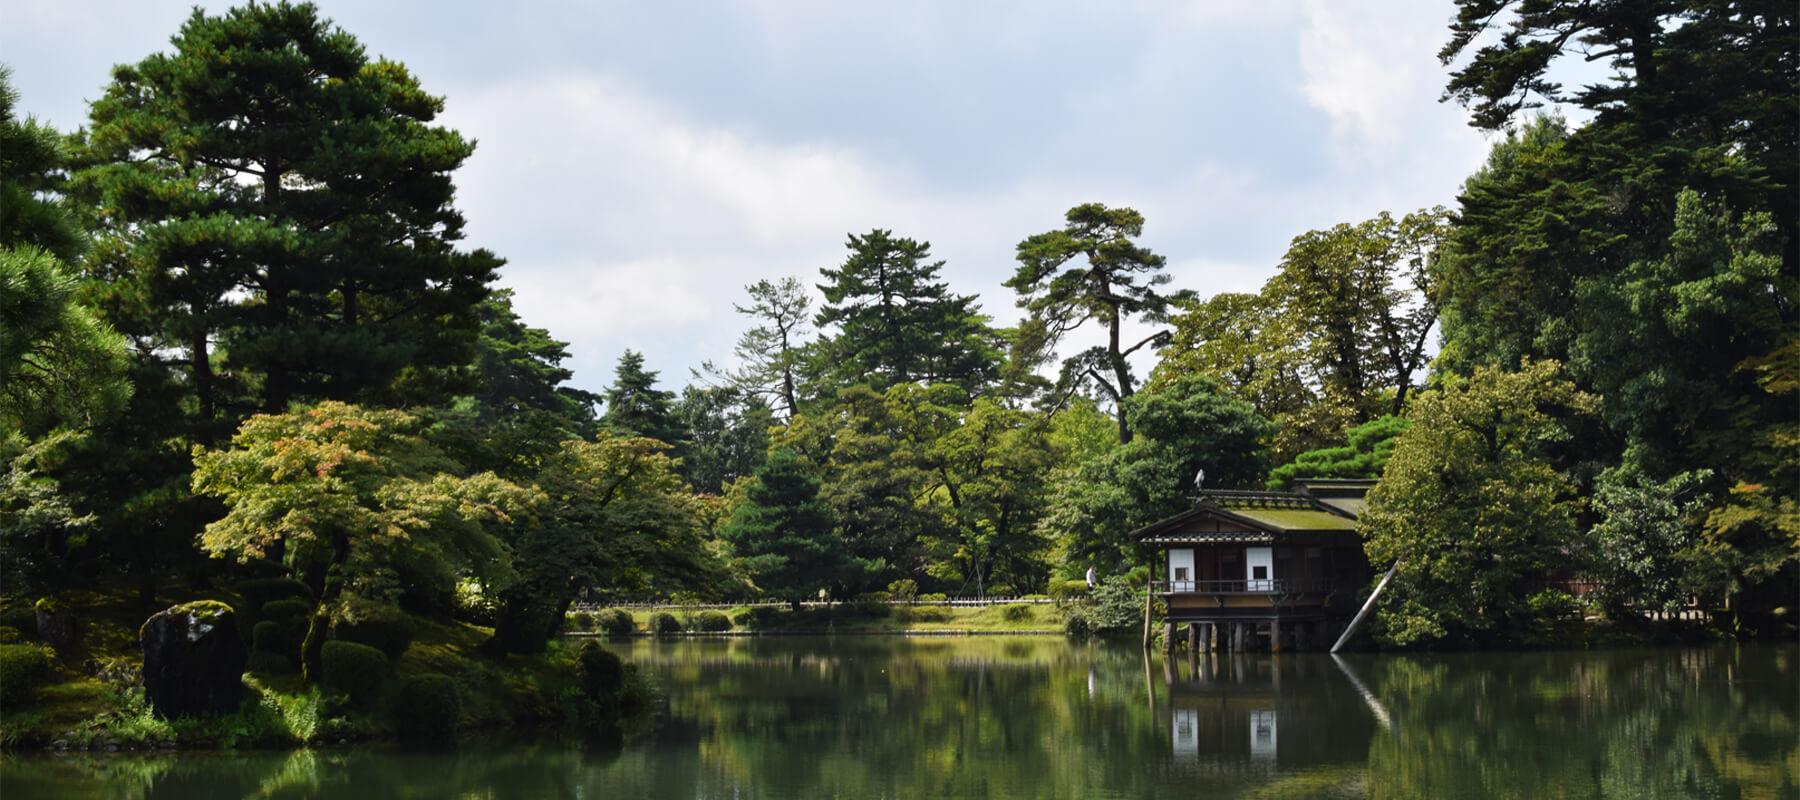 Que faire à Kanazawa, la ville féodale?